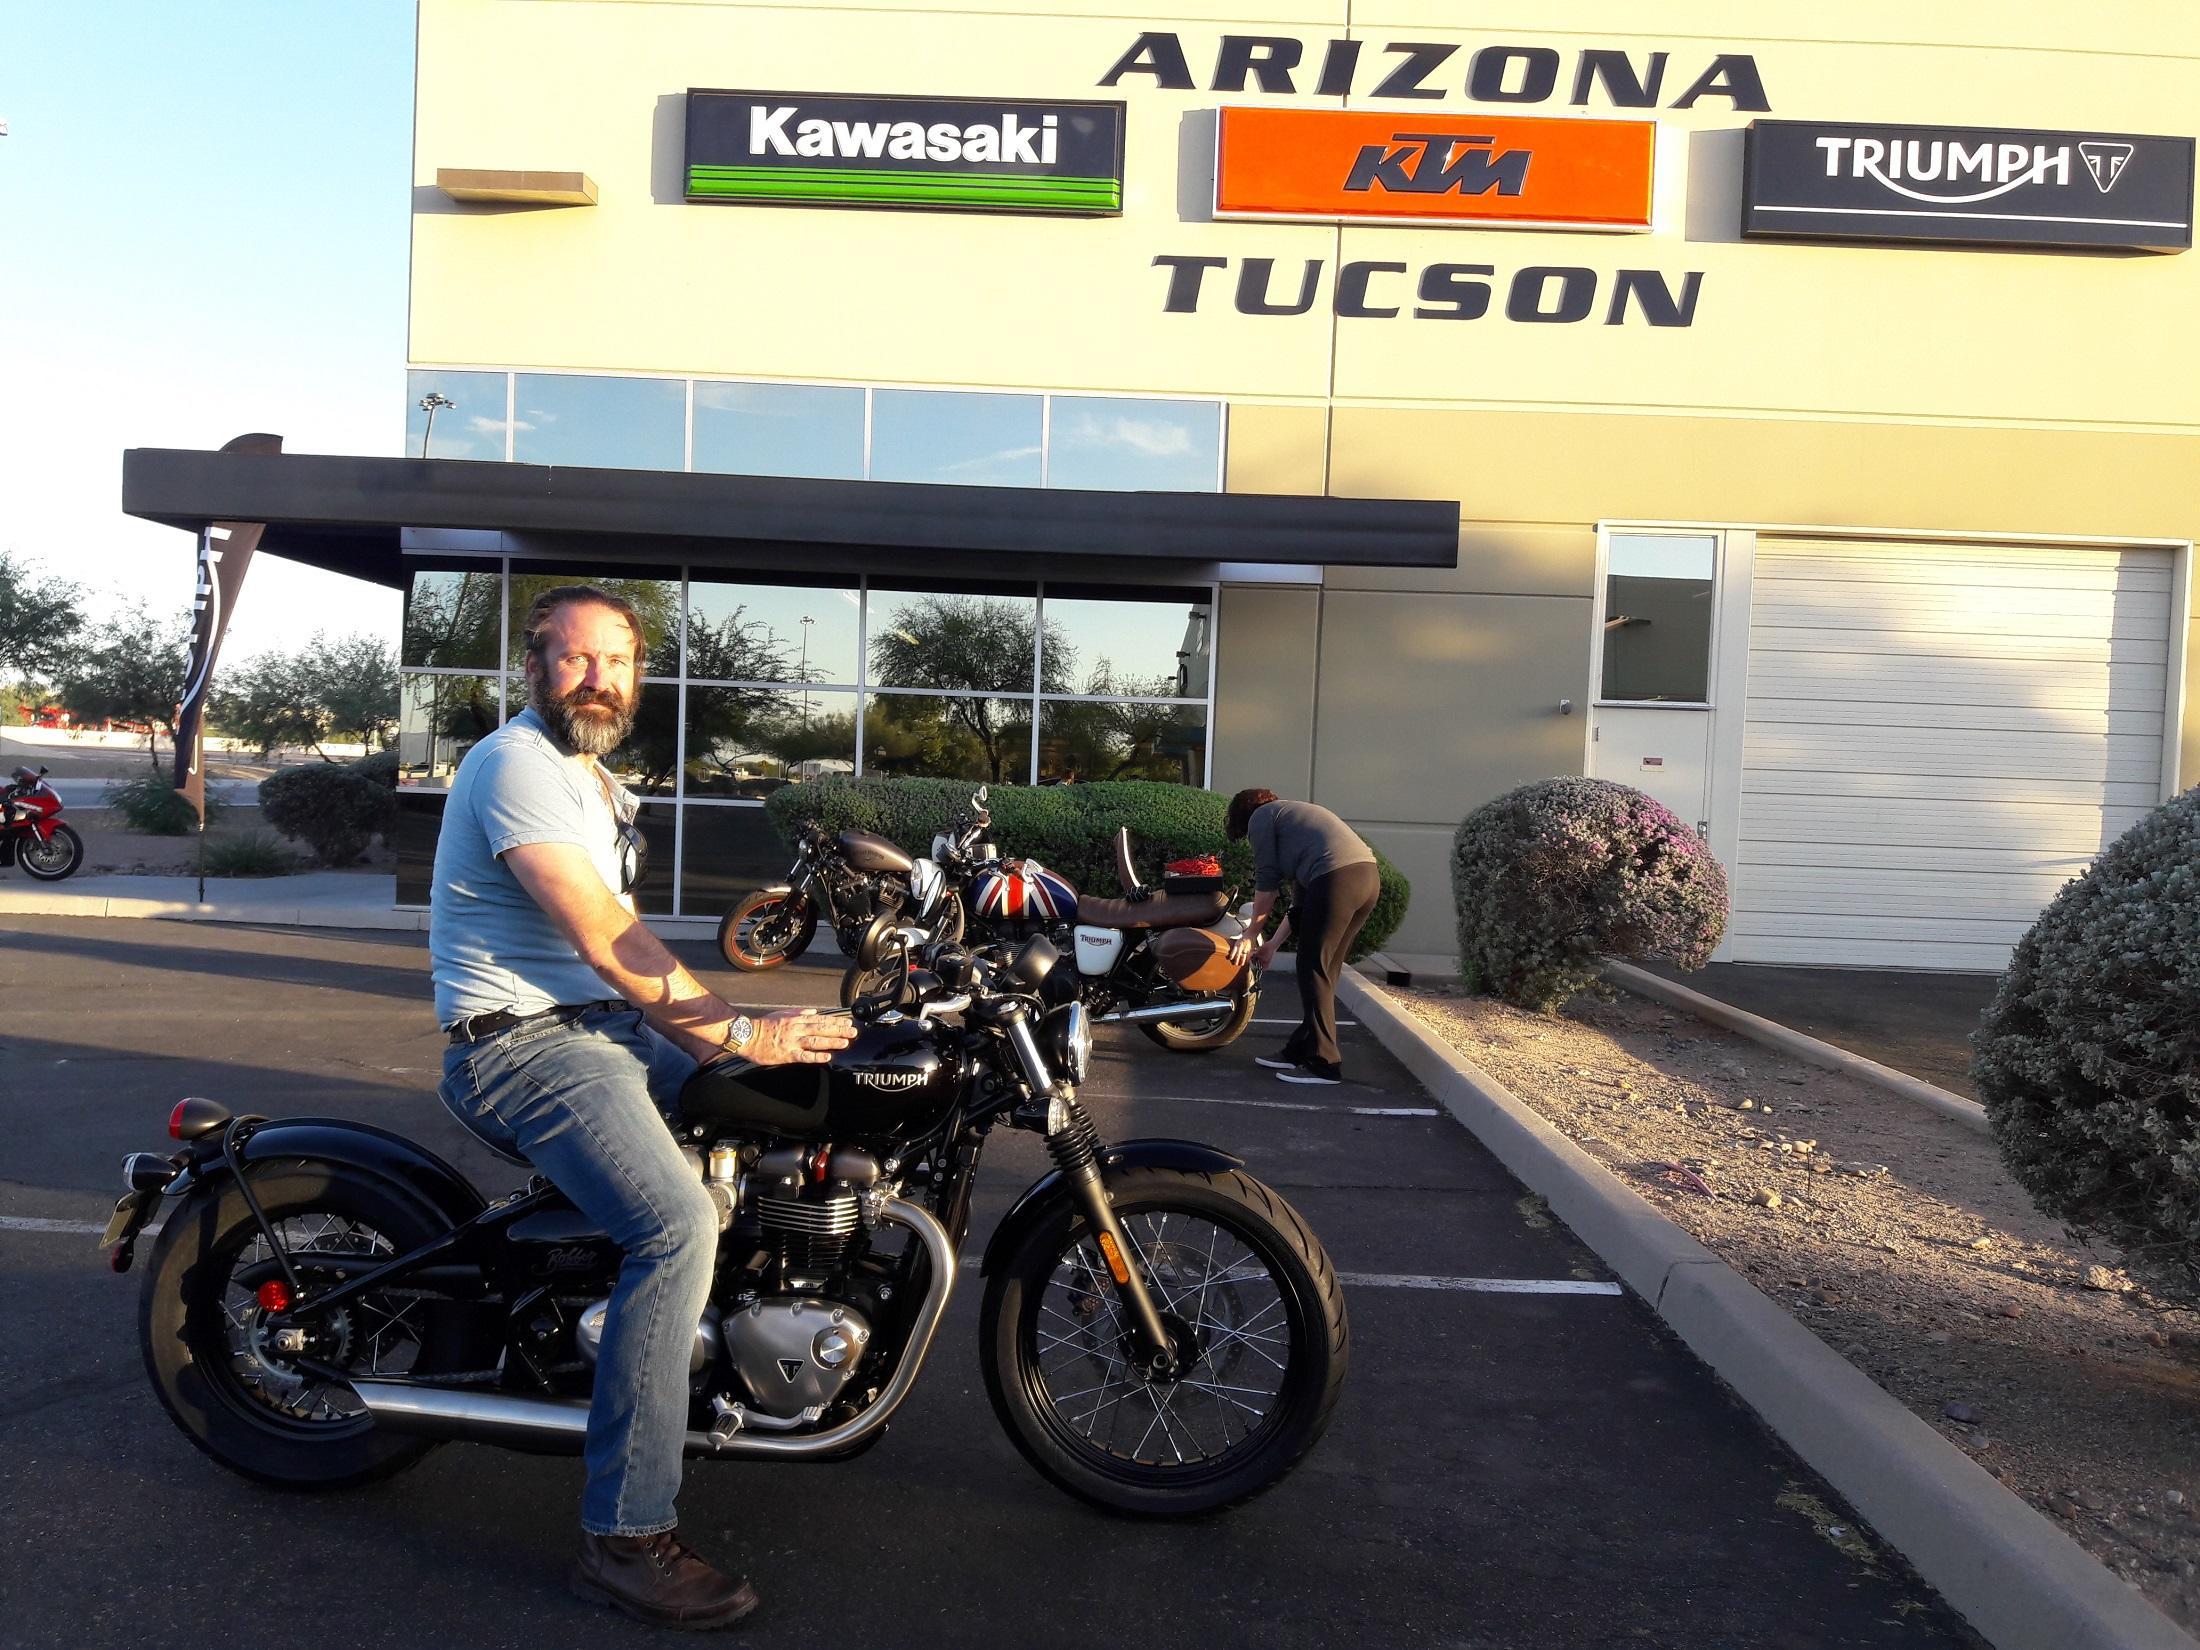 Honda Motorcycle Parts Tucson Az